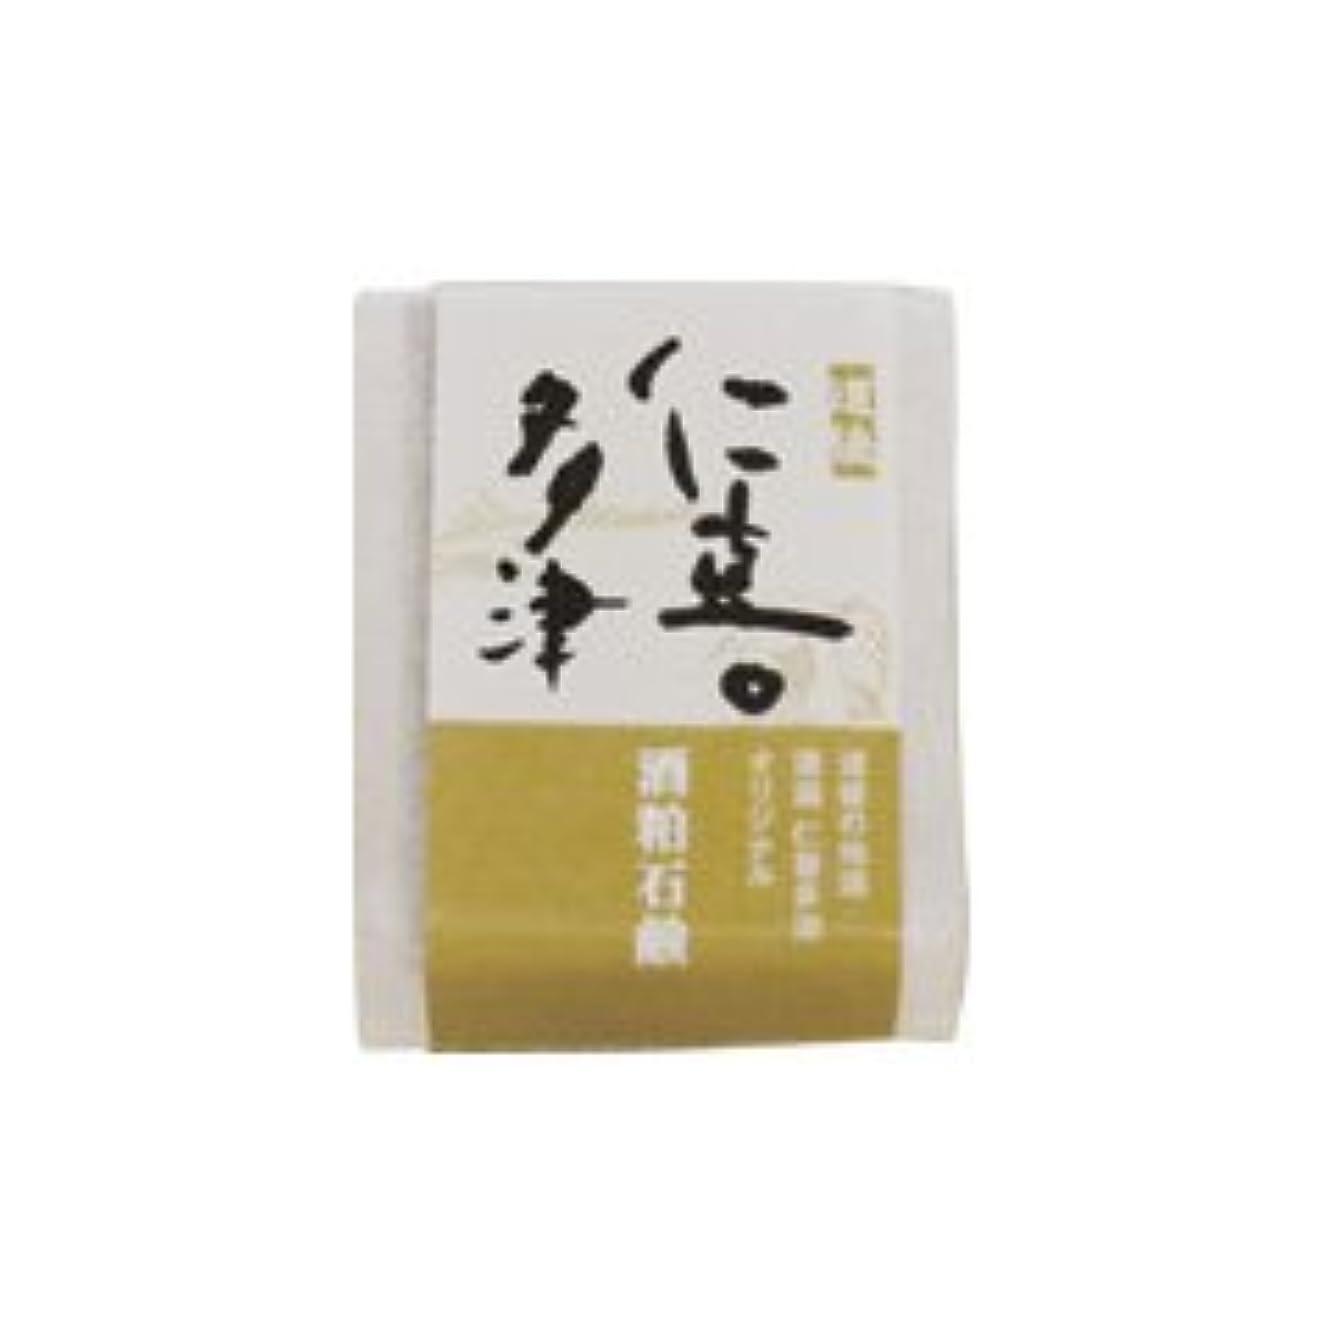 バウンドエアコン不機嫌仁喜多津 オリジナル 酒粕石鹸 60g